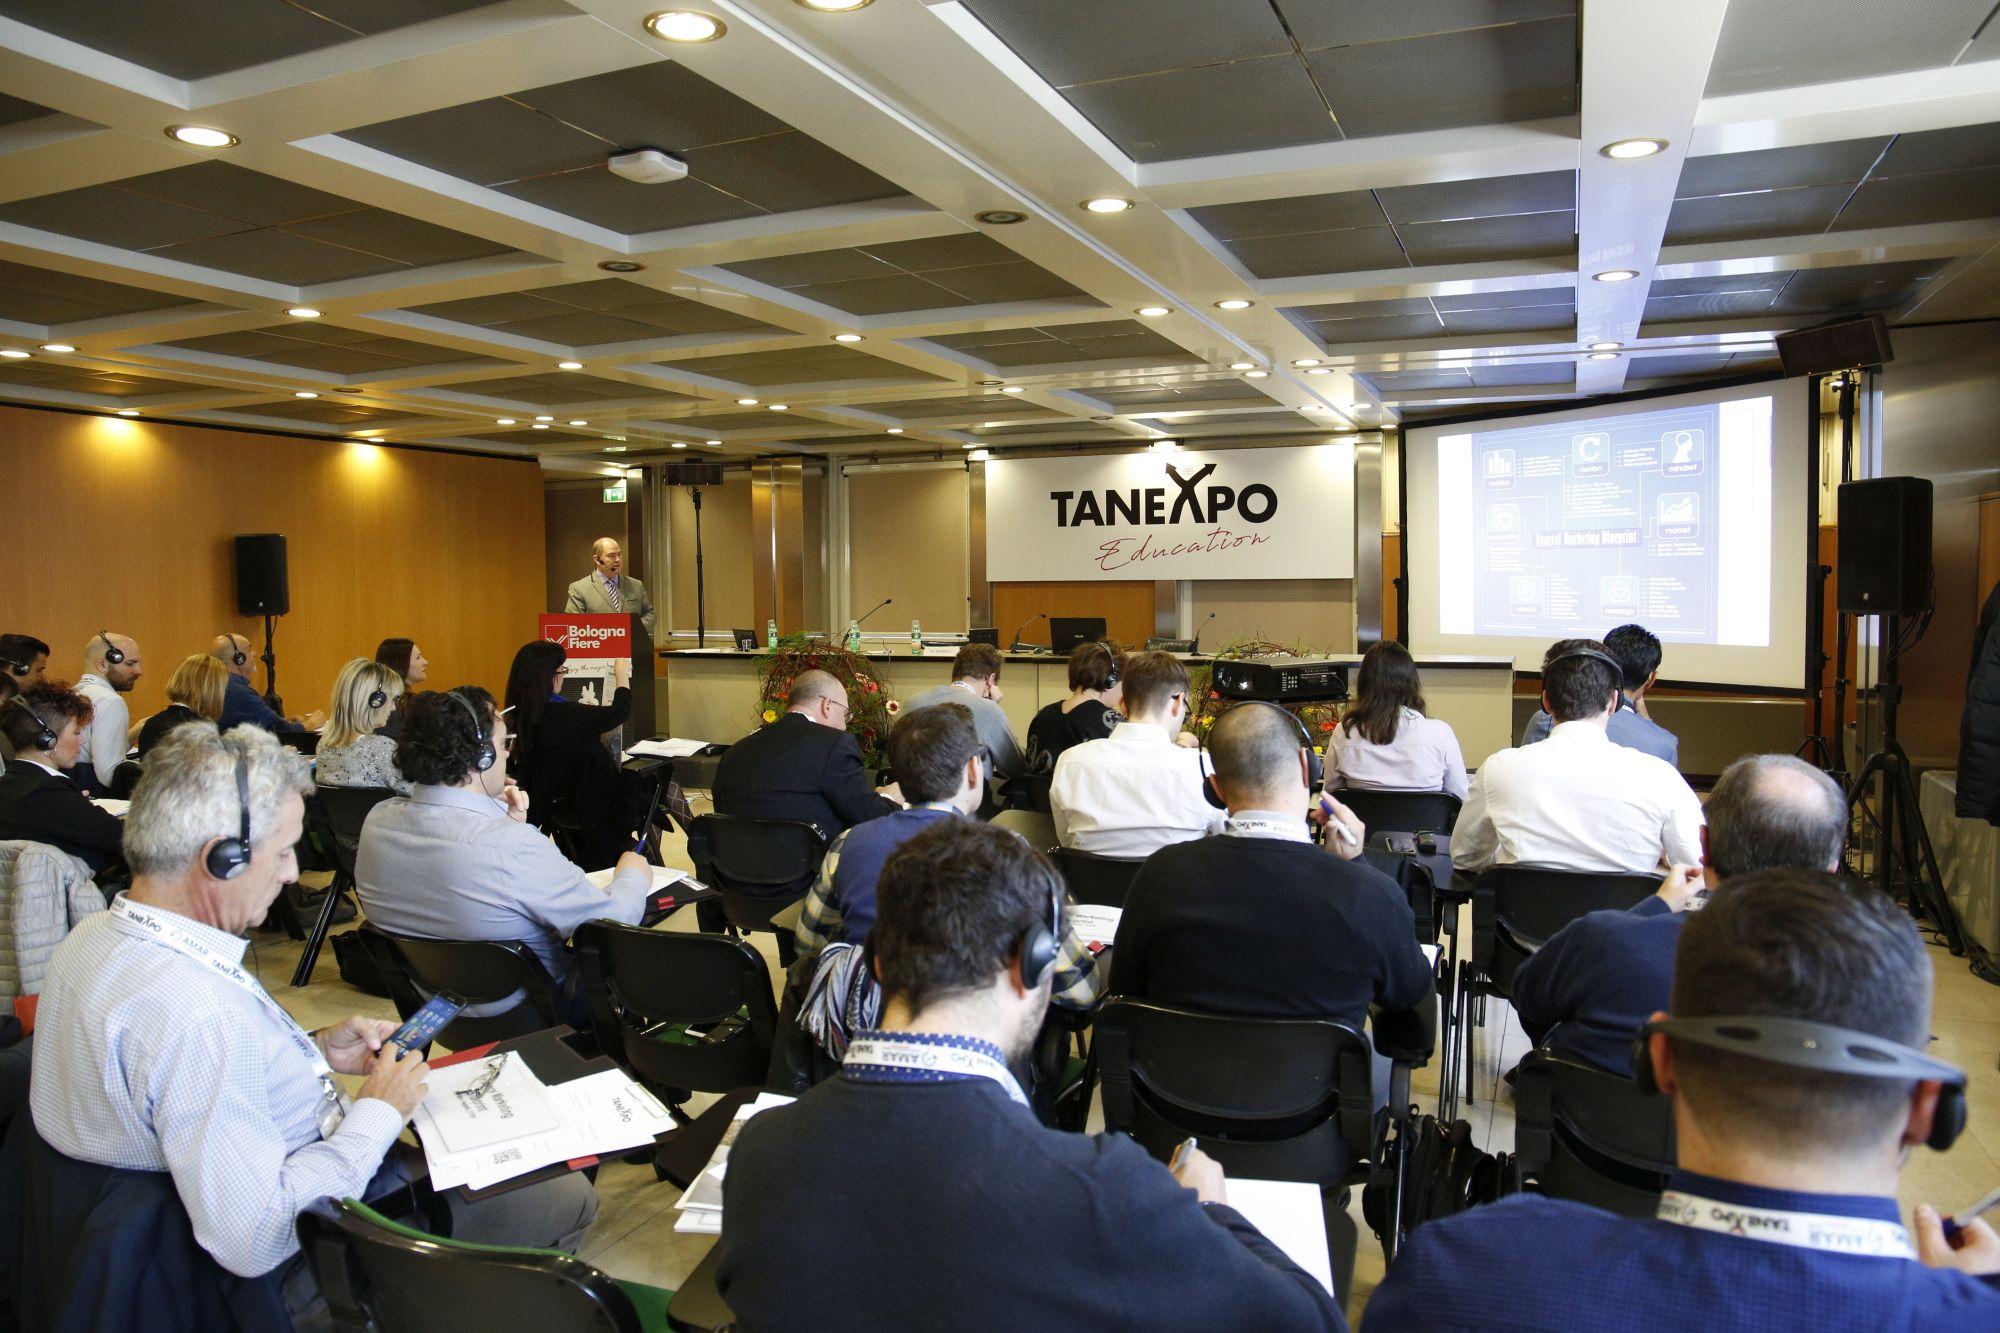 tanexpo_education